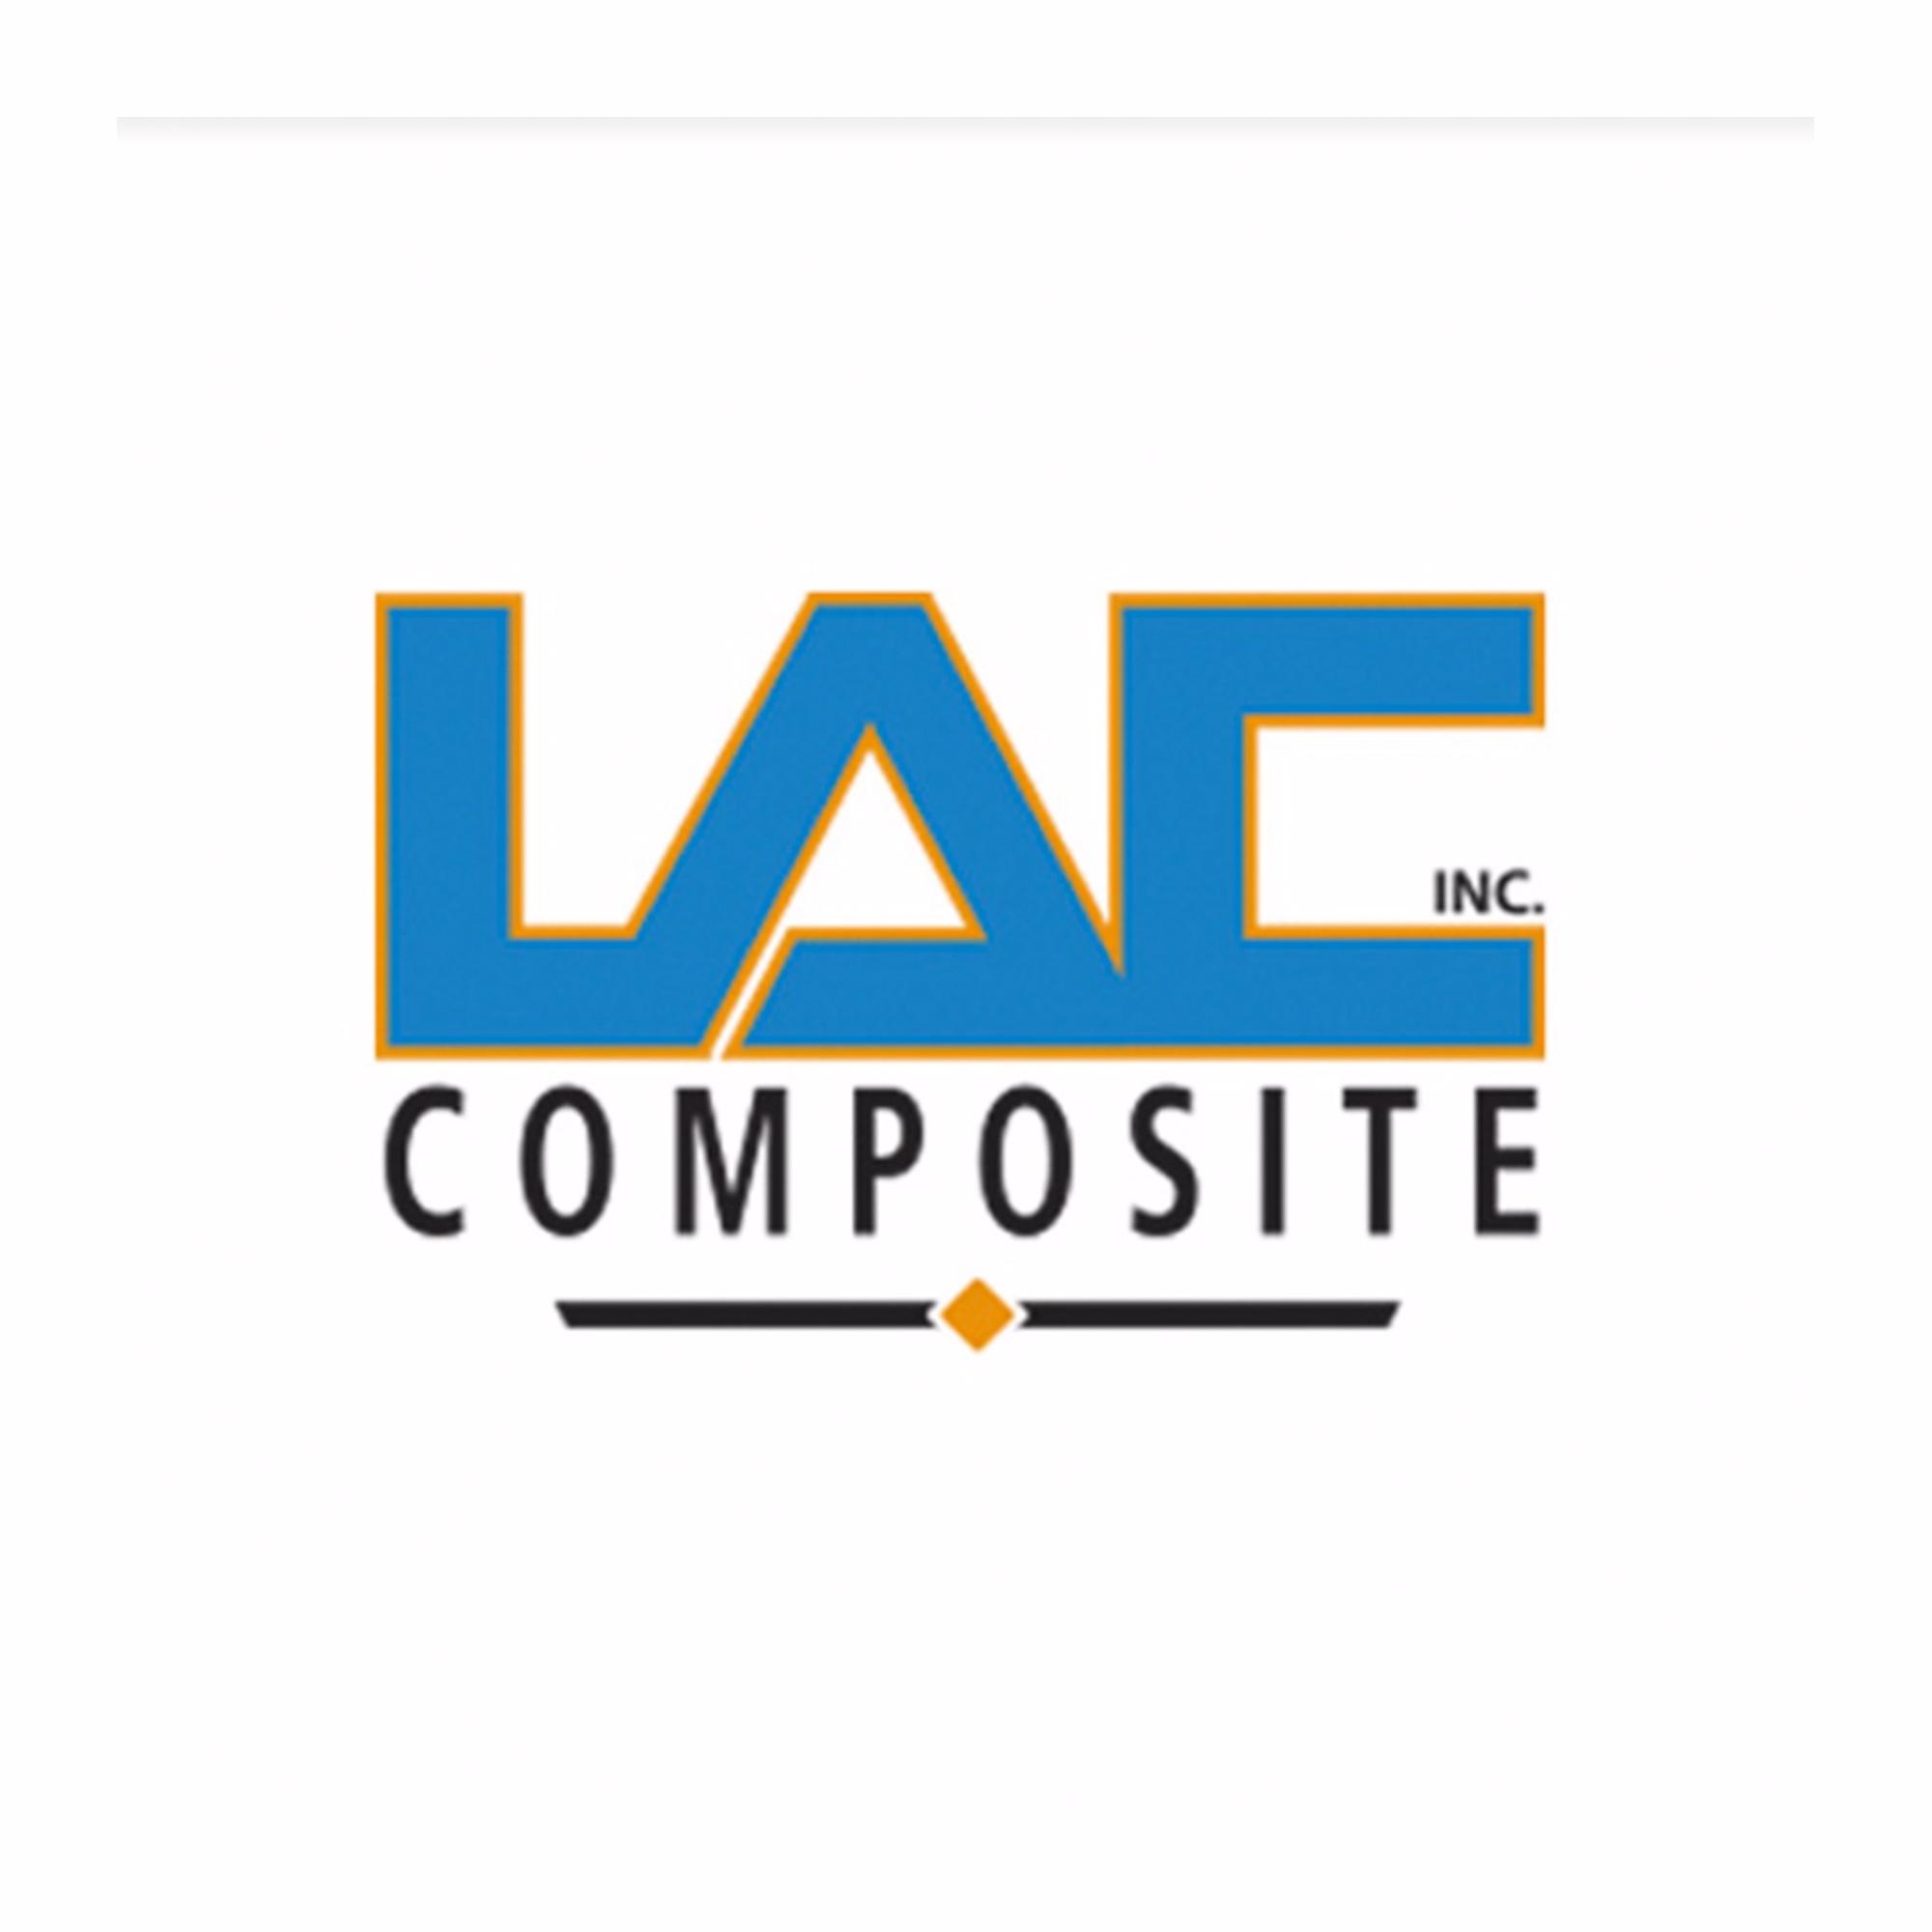 LAC Composite inc